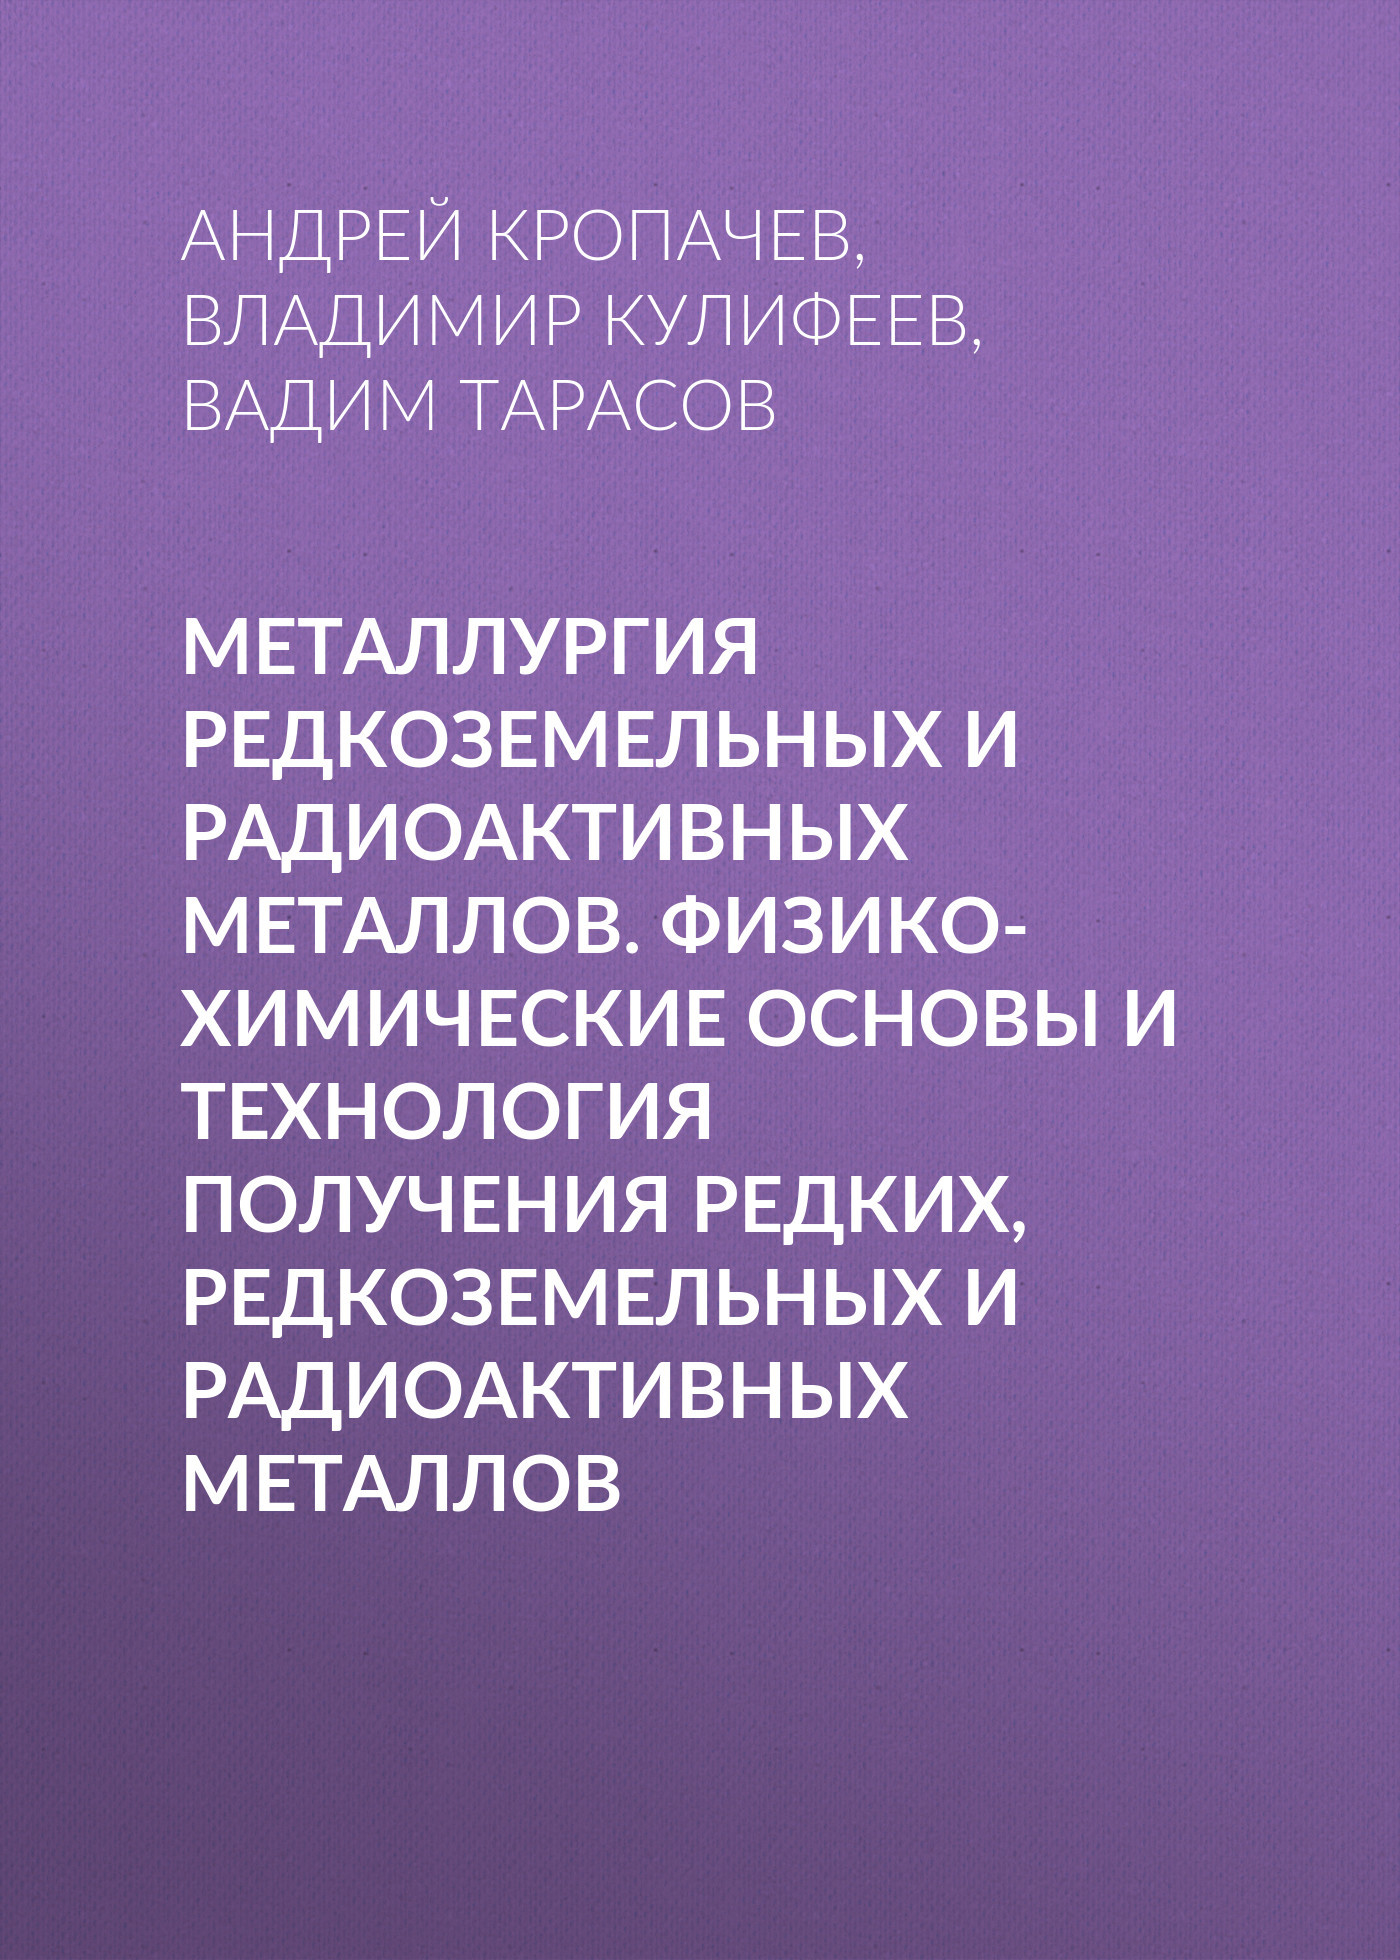 Владимир Кулифеев Металлургия редкоземельных и радиоактивных металлов. Физико-химические основы и технология получения редких, редкоземельных и радиоактивных металлов